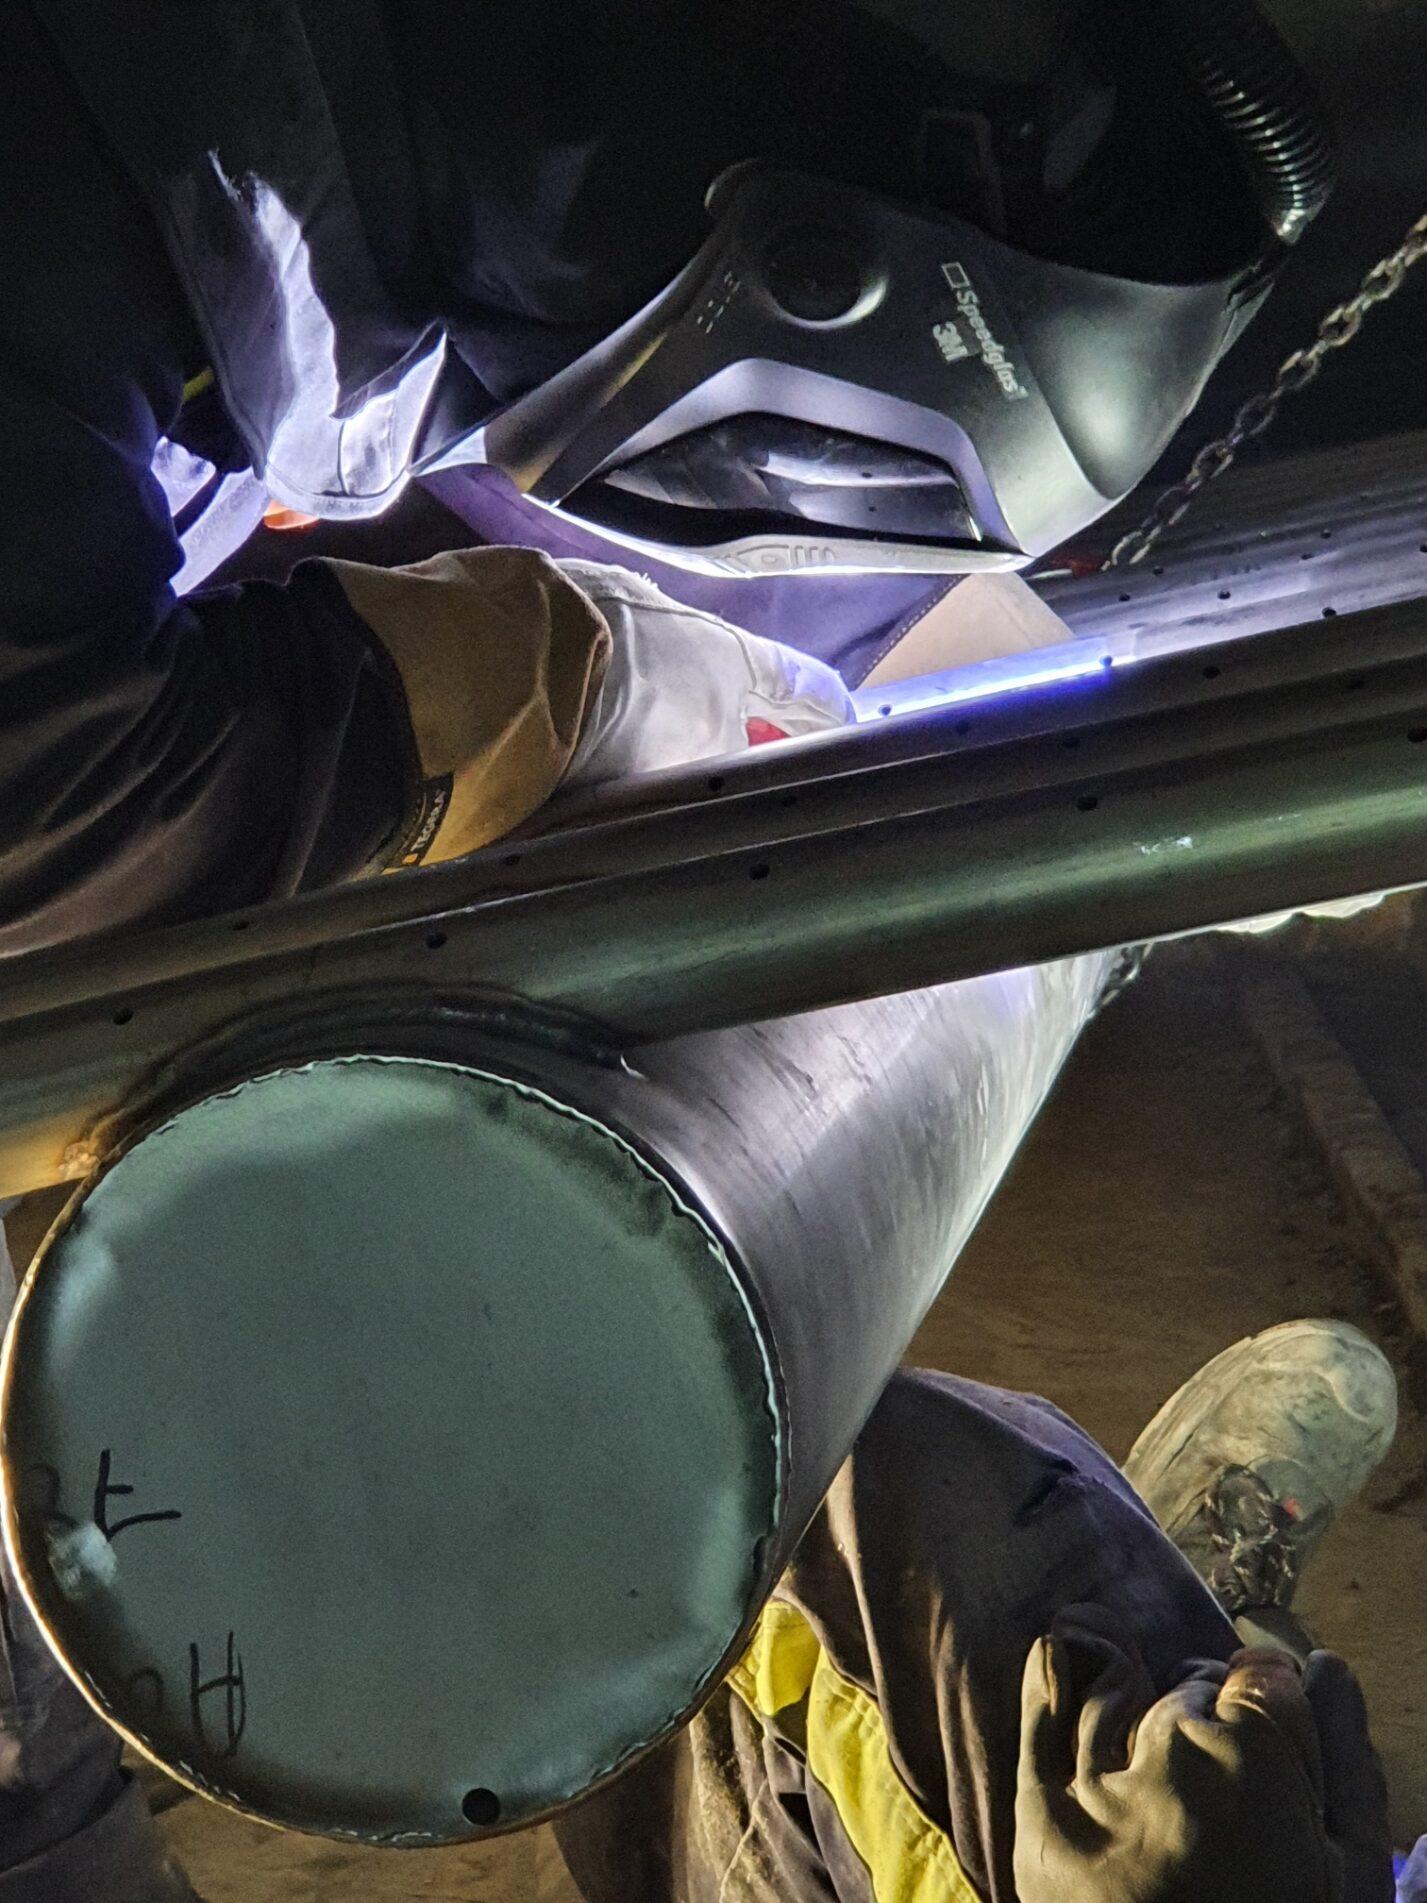 2020 11 Wlox reactor